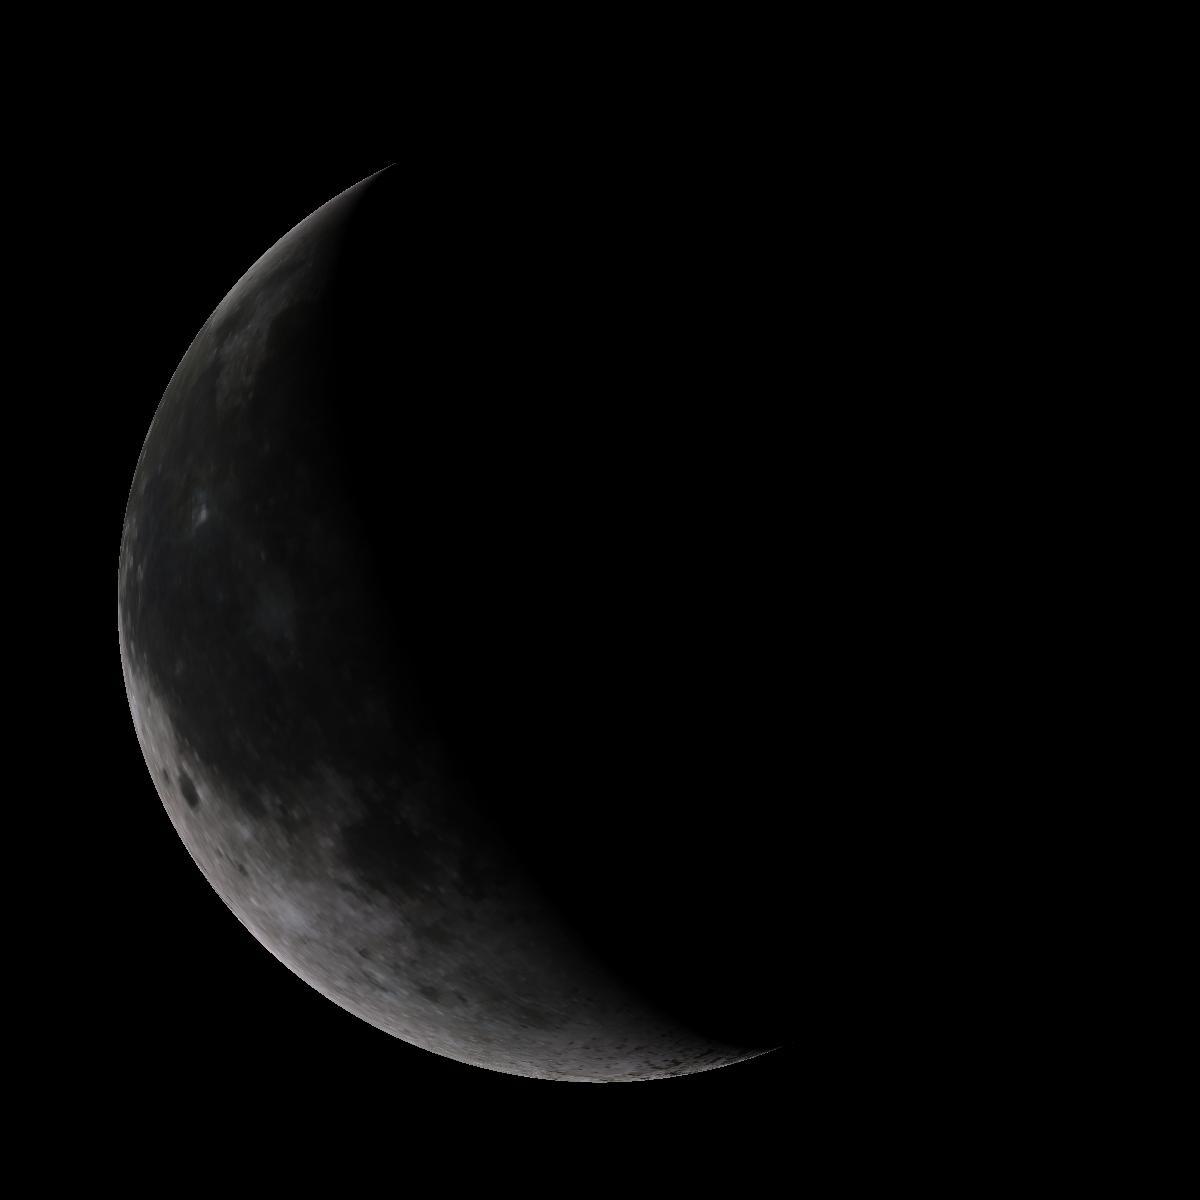 Lune du 21 décembre 2019